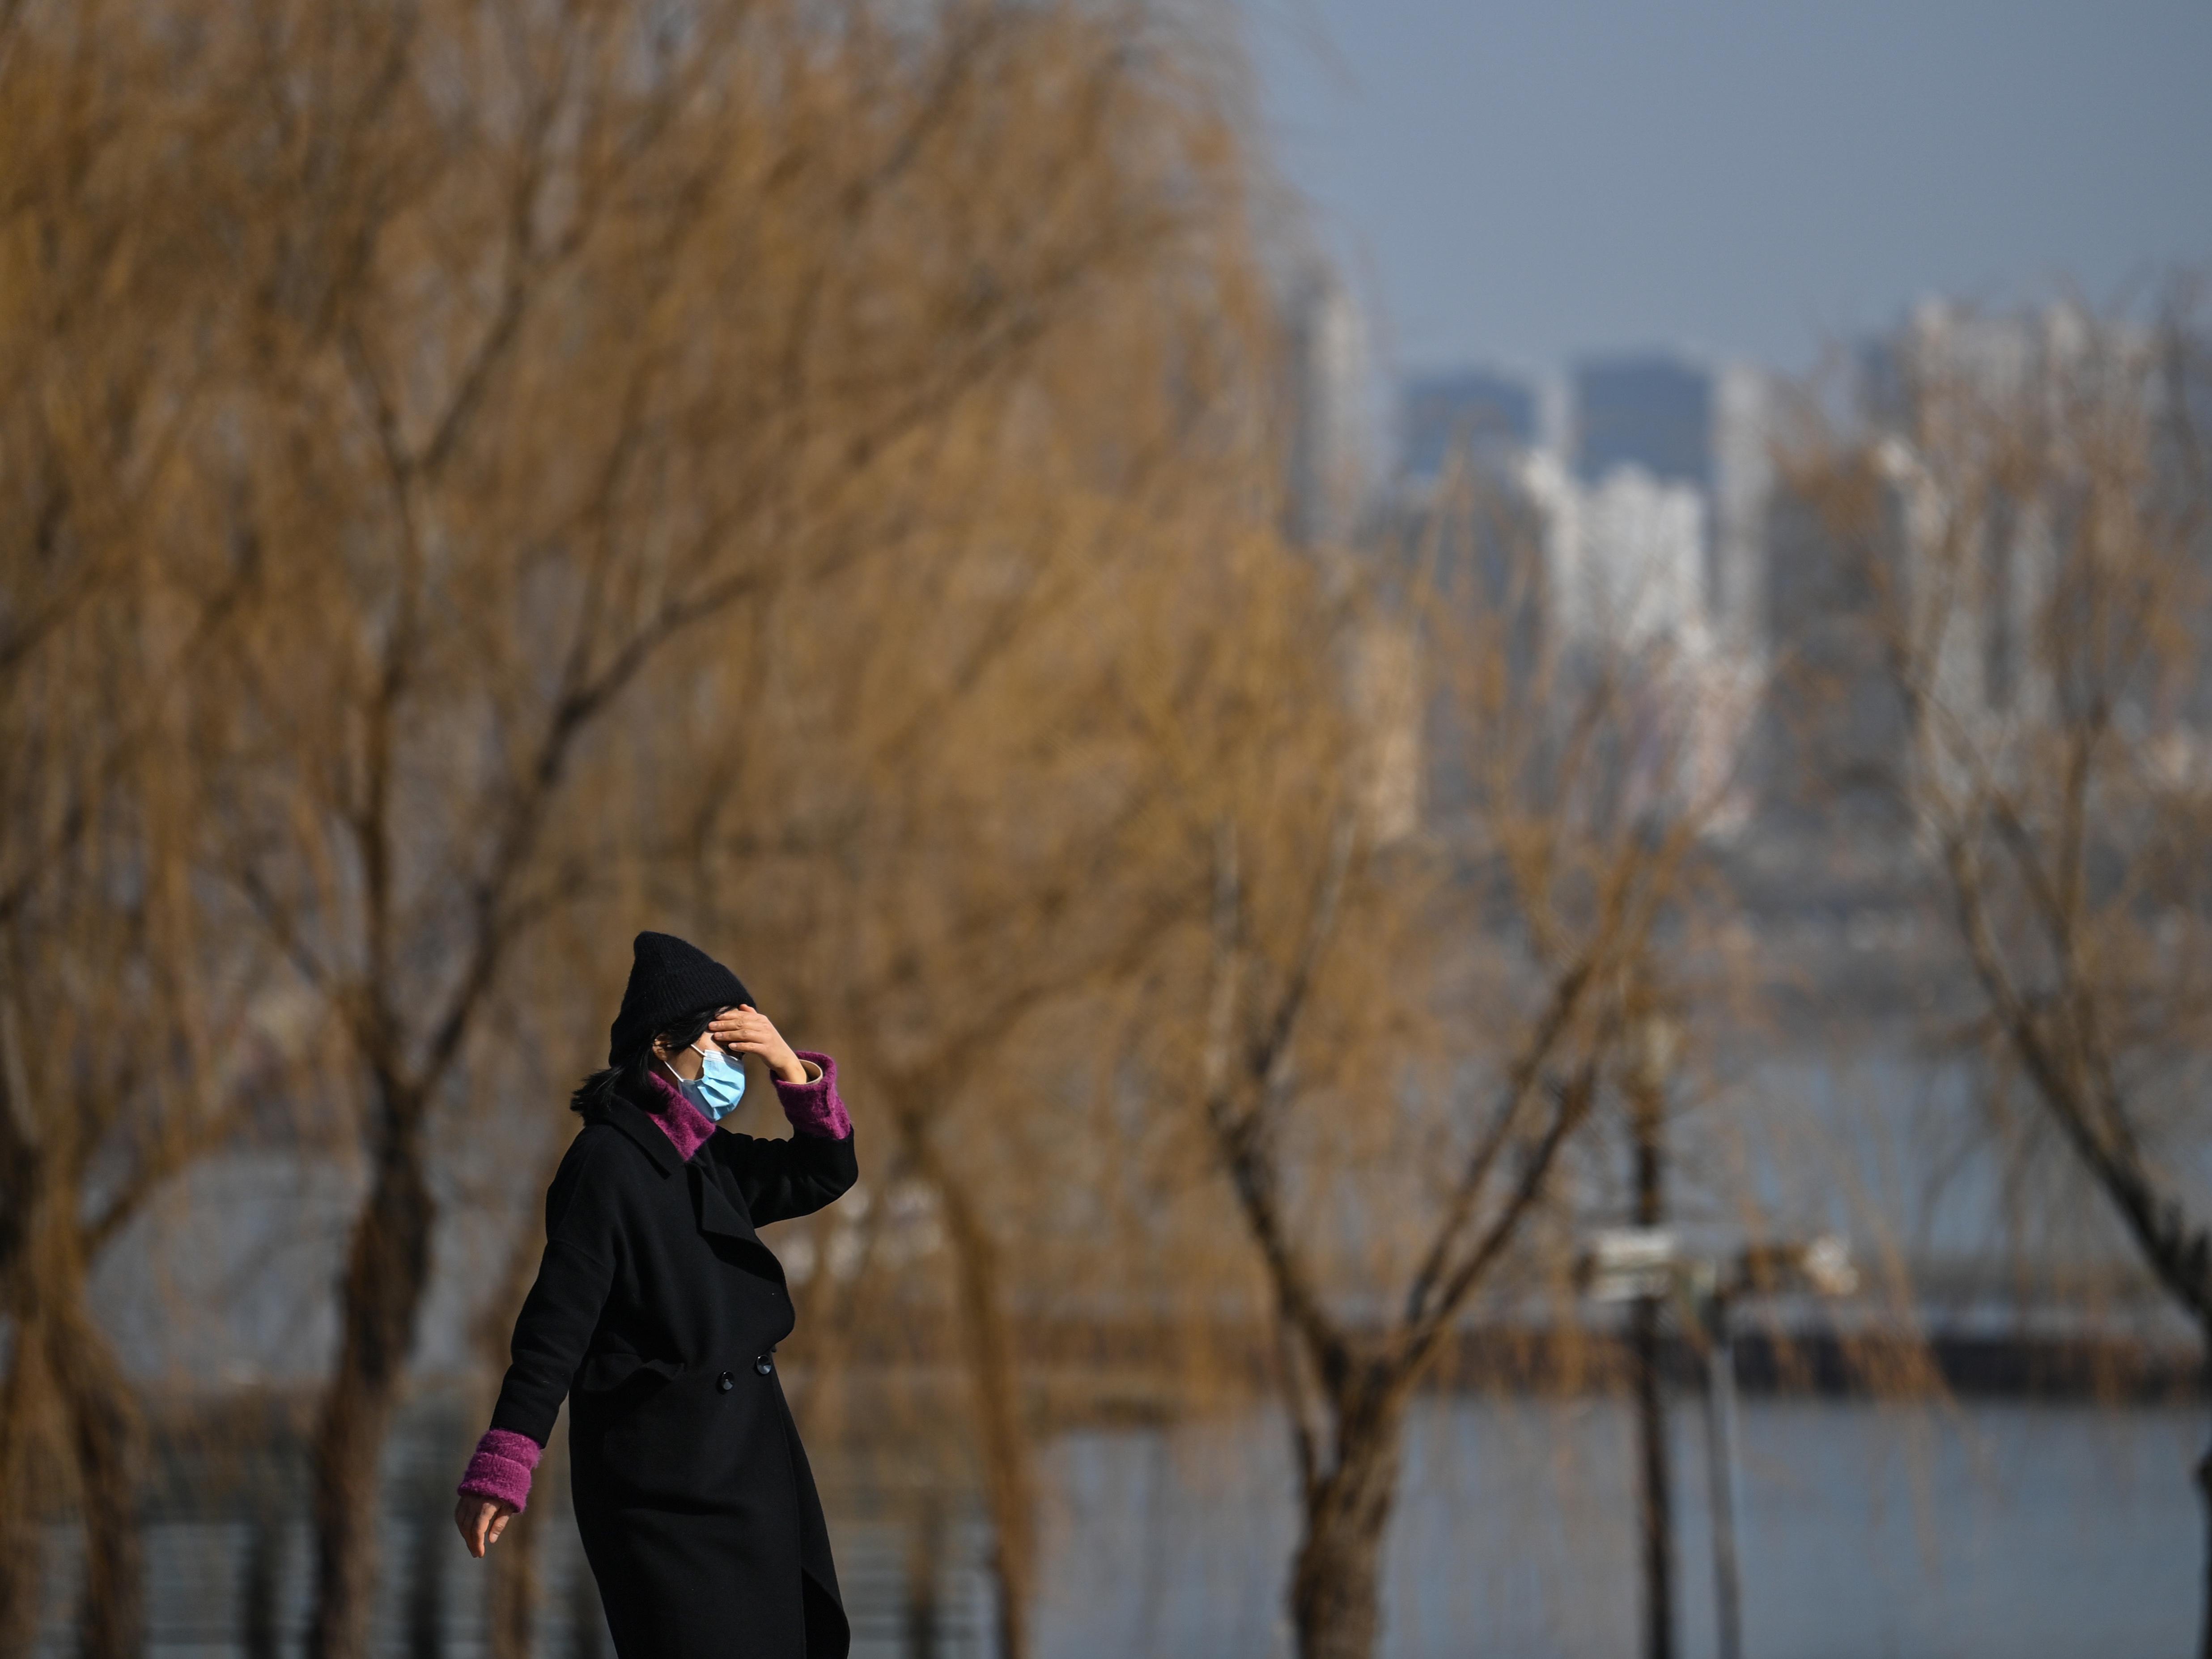 Wuhan's Lockdown Memories One Year Later: Pride, Anger, Deep Pain